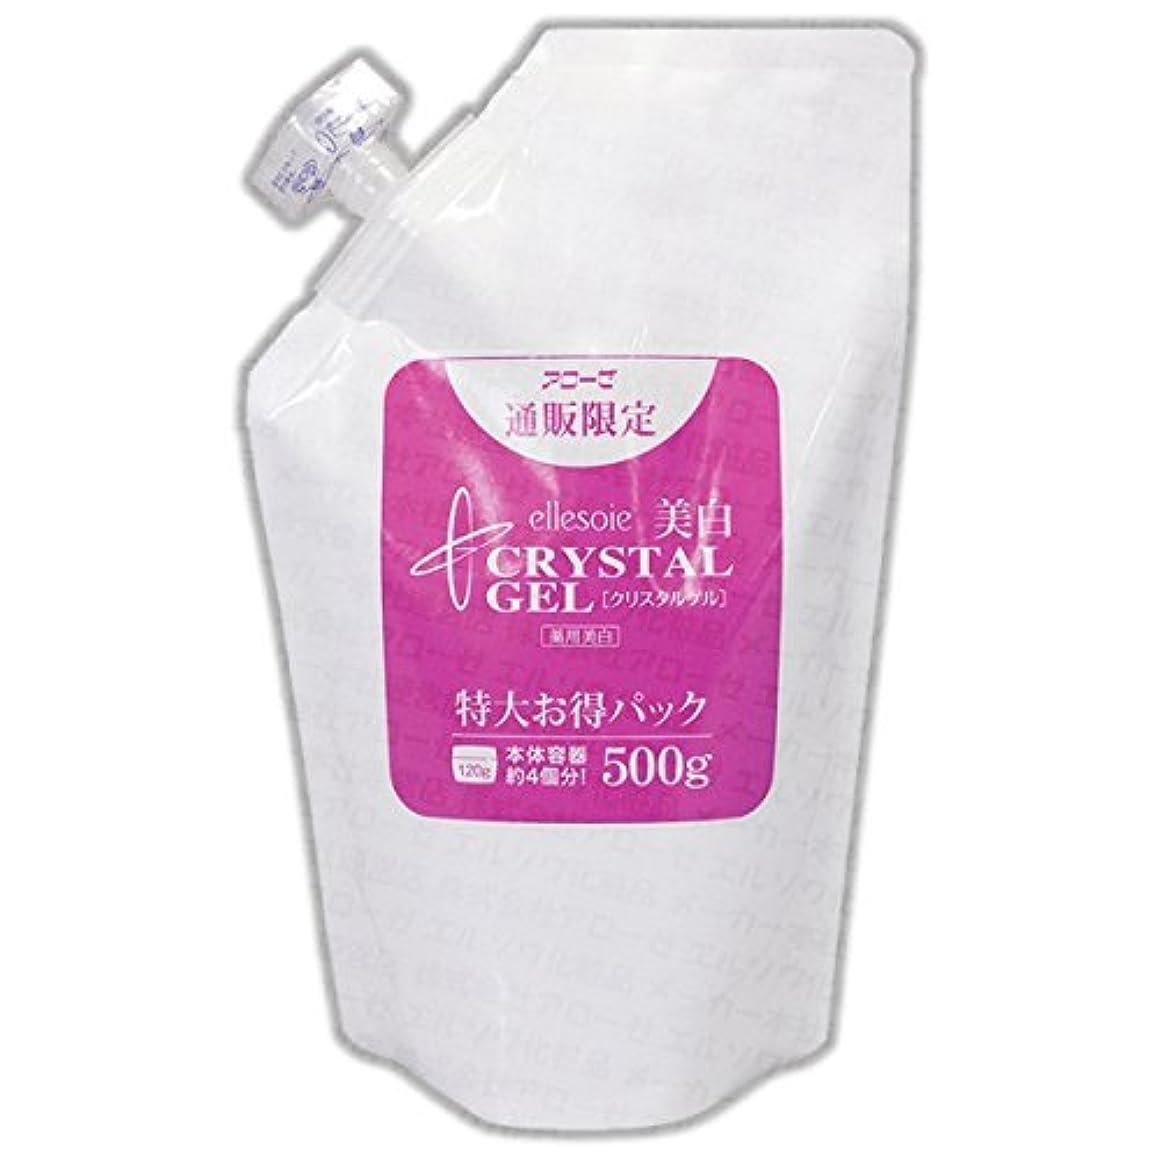 あなたが良くなりますファイバスペードエルソワ化粧品(ellesoie) クリスタルゲルS 詰替用500g 保存用キャップ付 薬用美白オールインワン